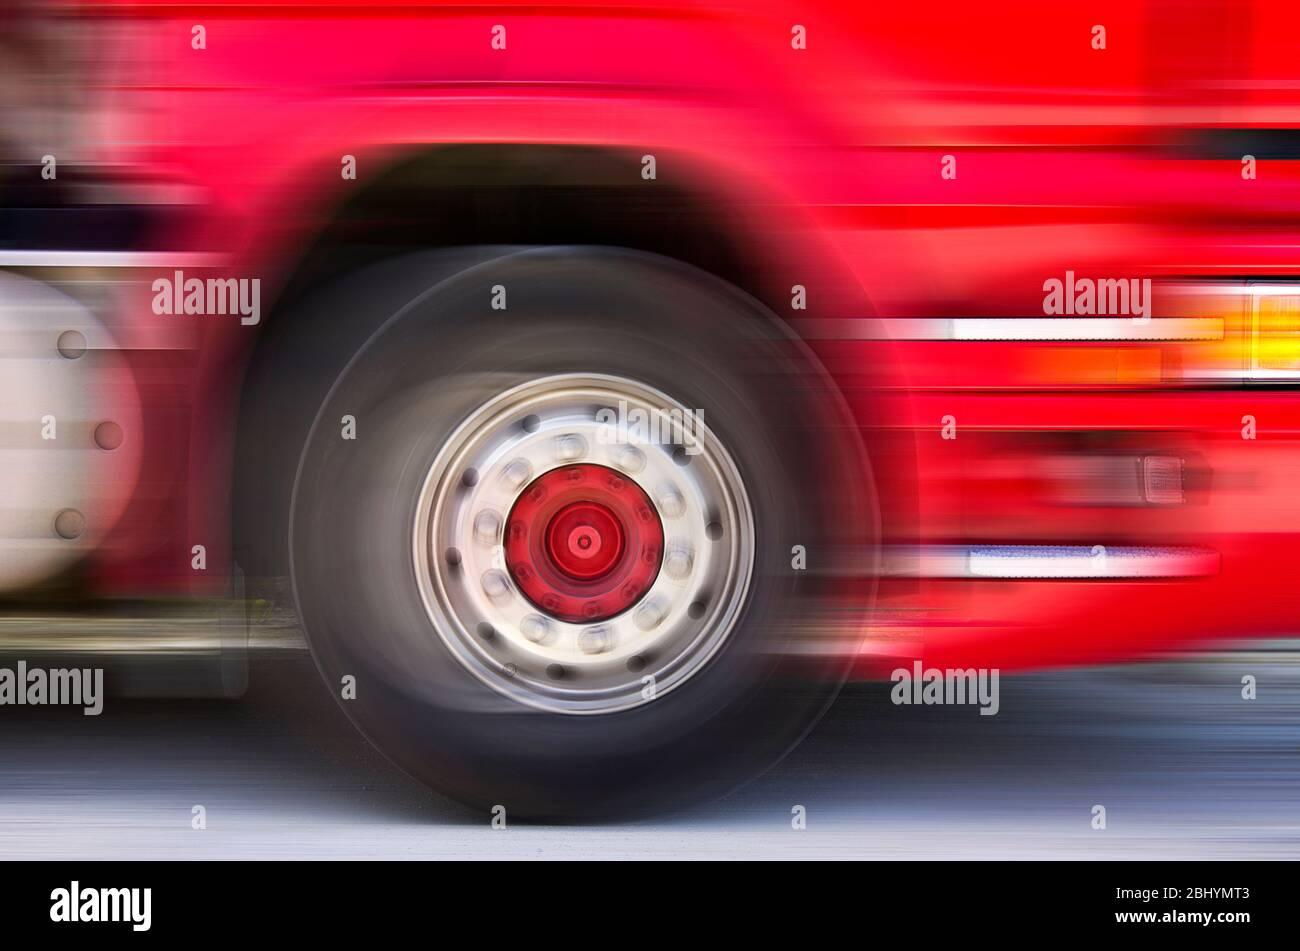 Schnell vorbeifahrende LKW, mit Spuren von Bewegung. Stockfoto